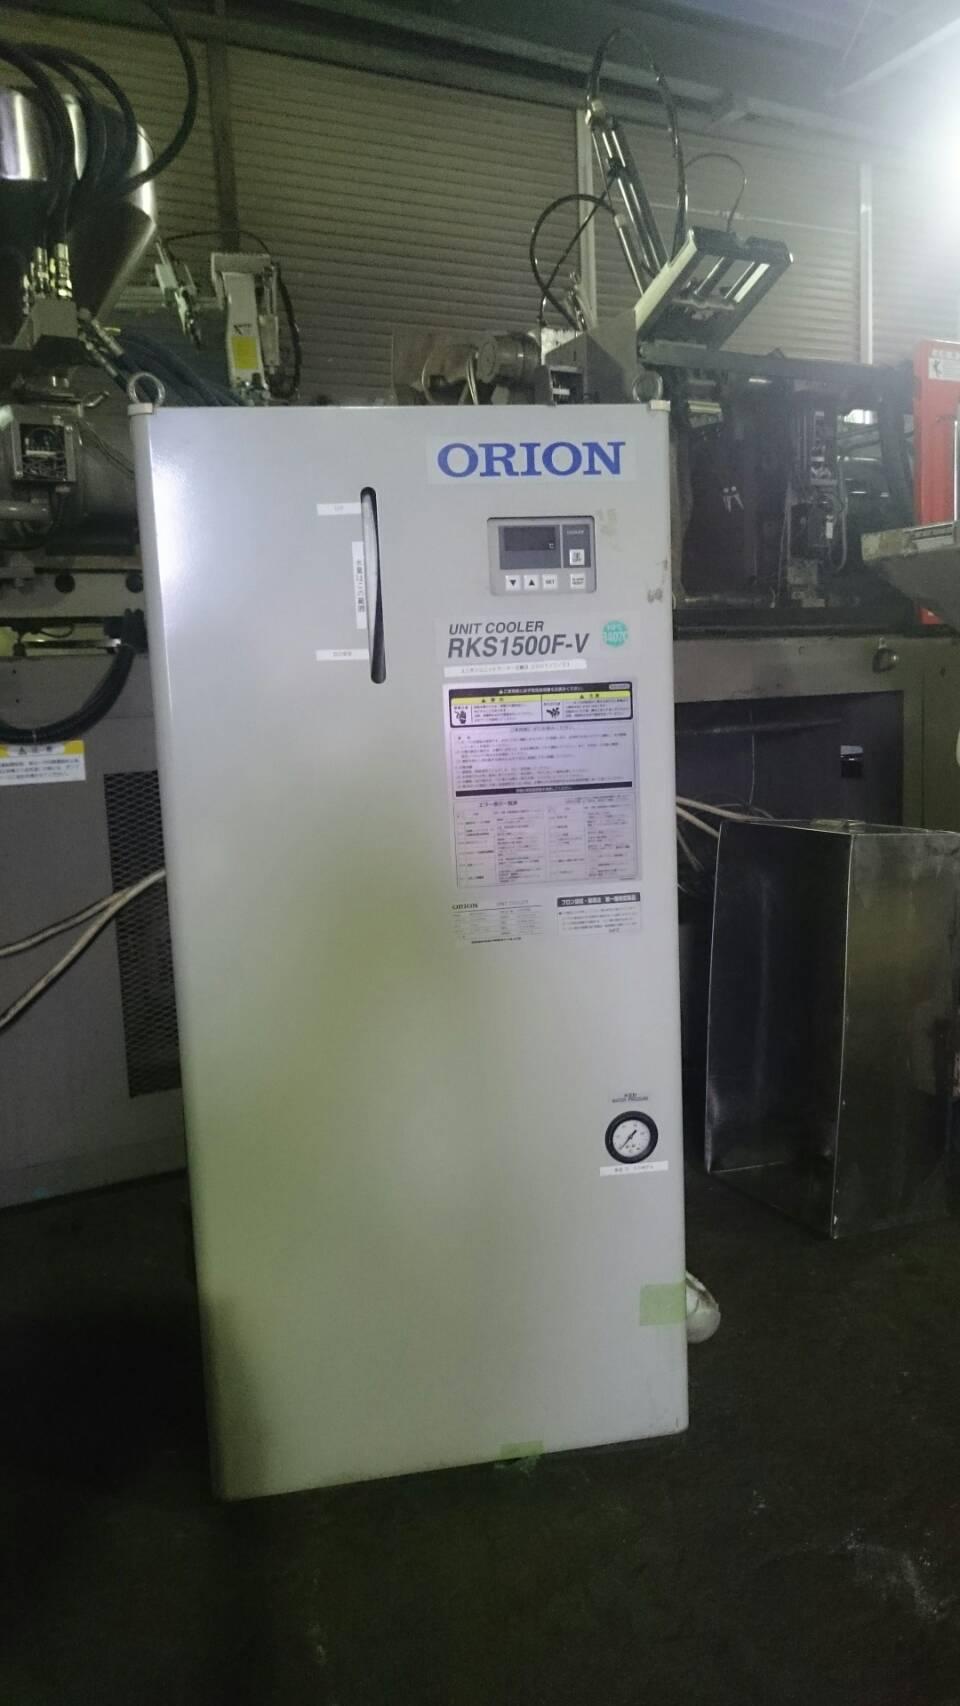 その他機器及び付帯品【2707023】オリオン製RSK1500F-V  2007年式